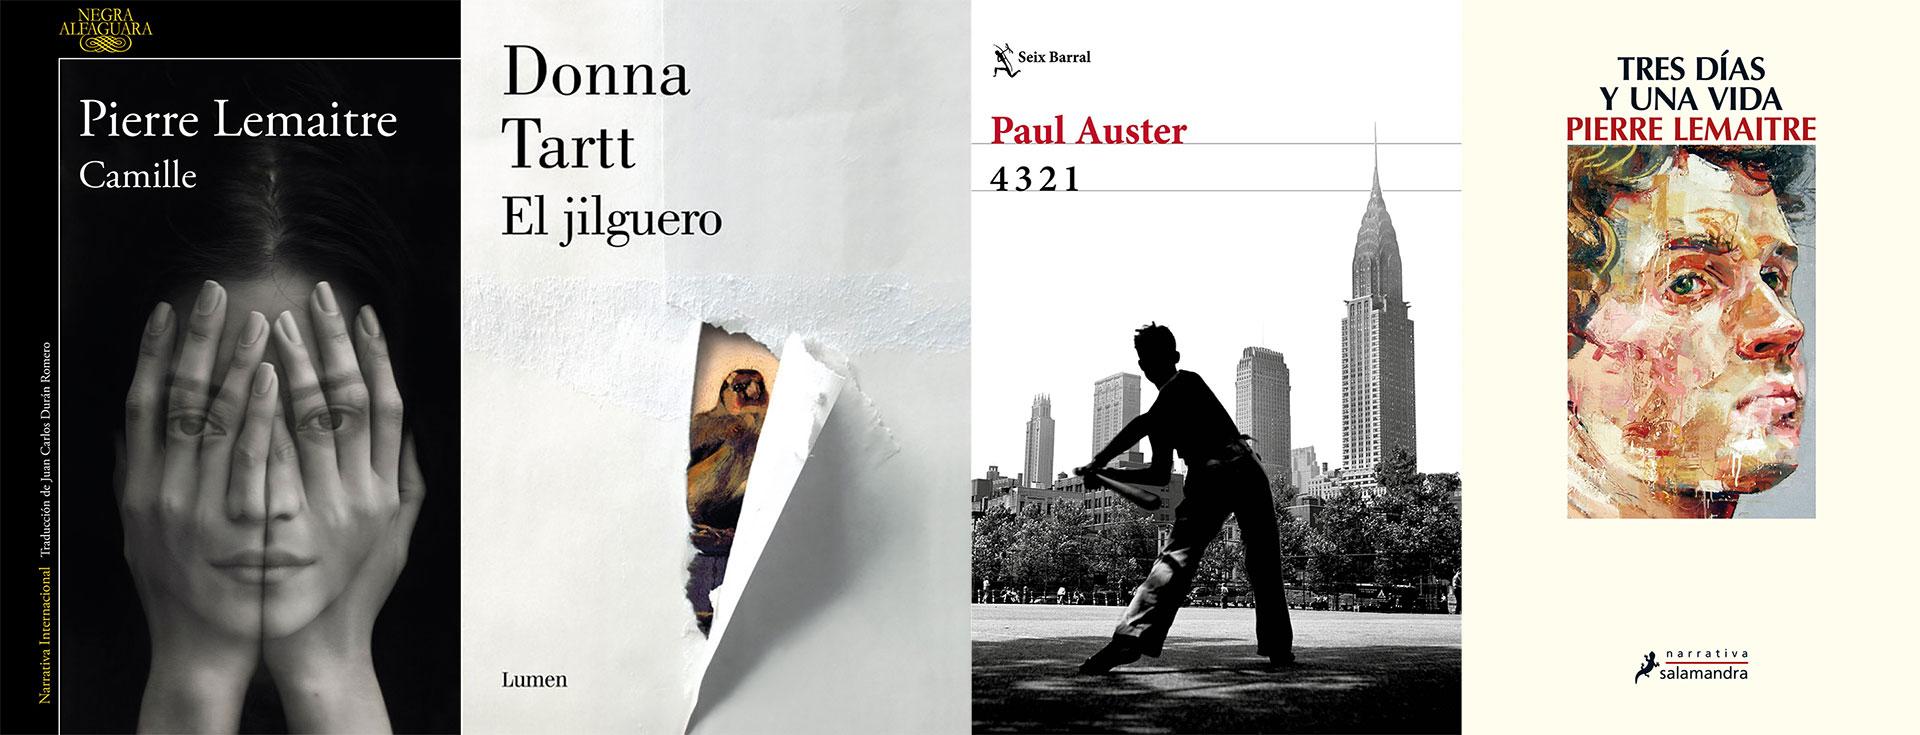 Una guía de 50 libros para leer en el verano – SINTONIA UNO